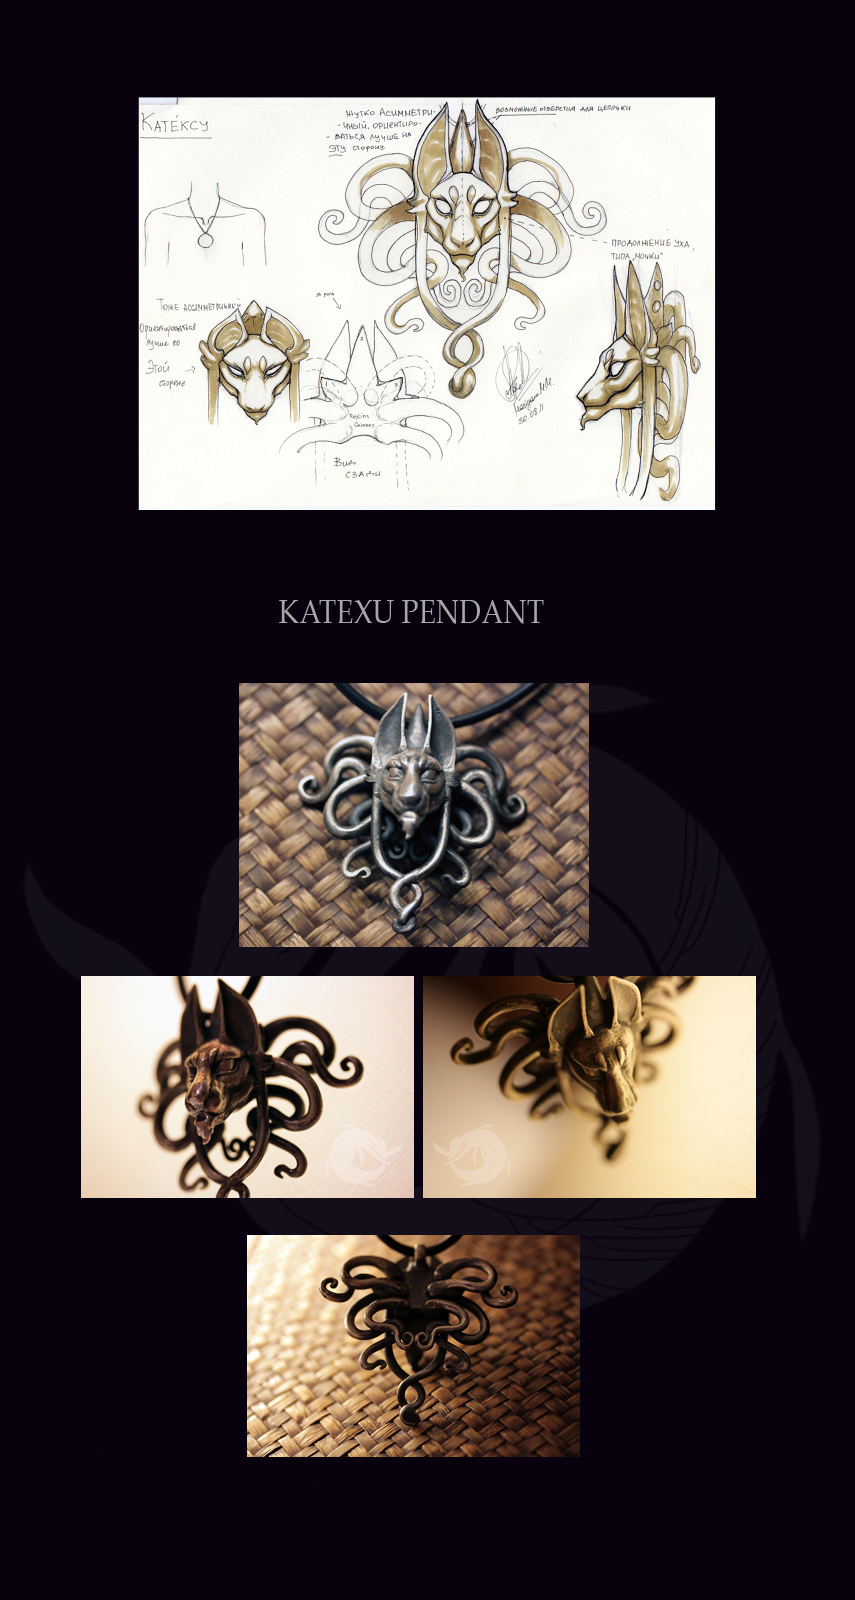 Katexu Pendant by Ru13